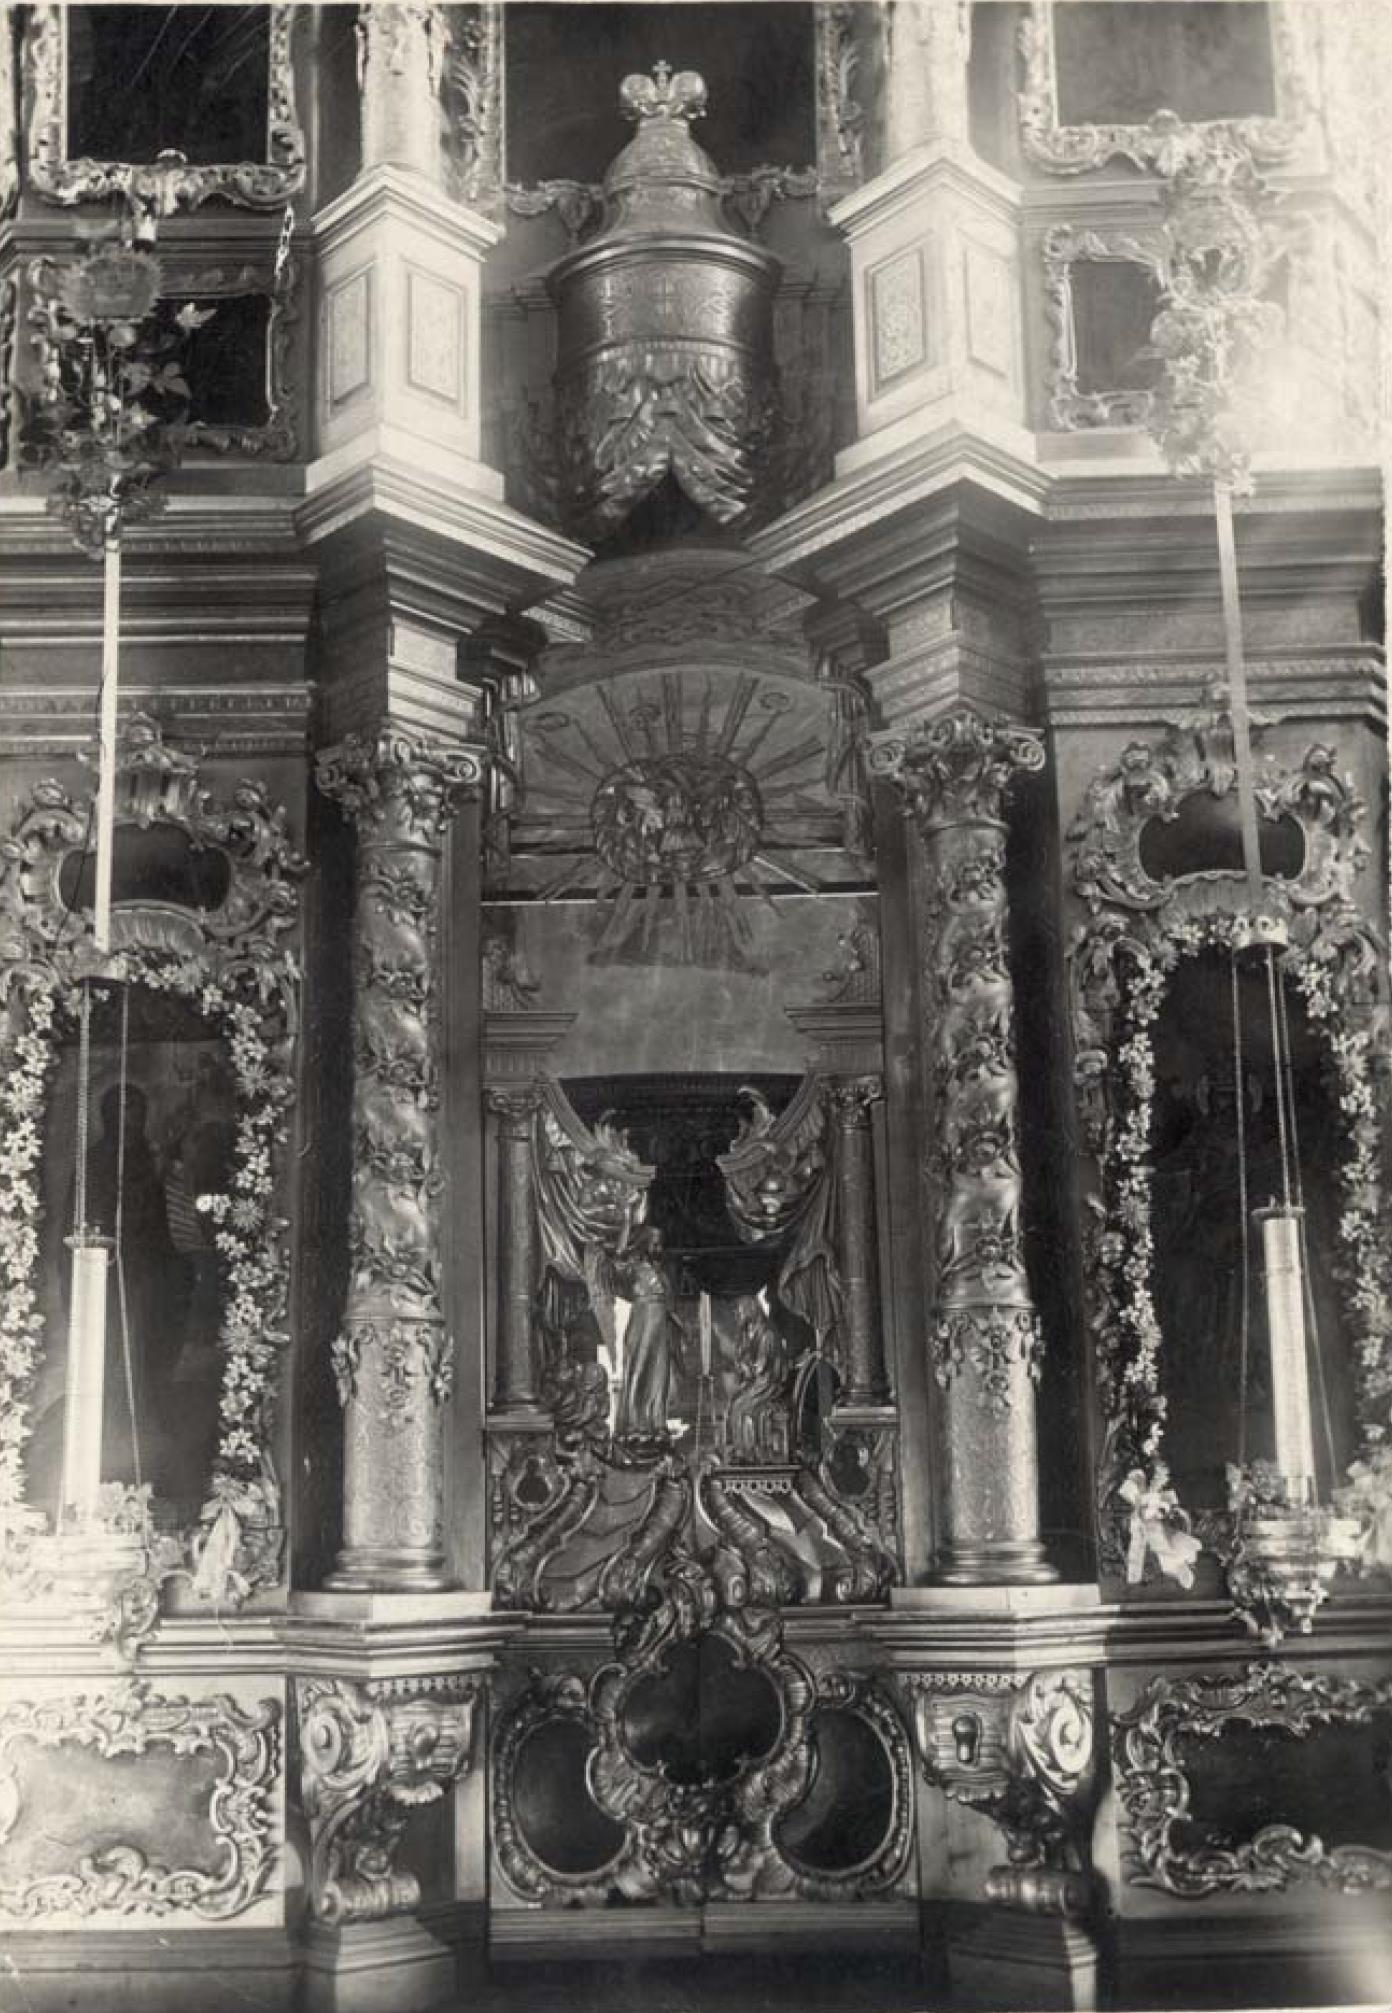 Никитская (Предтеченская) церковь 1765 г. Иконостас главной, Предтеченской, церкви (нижняя часть)